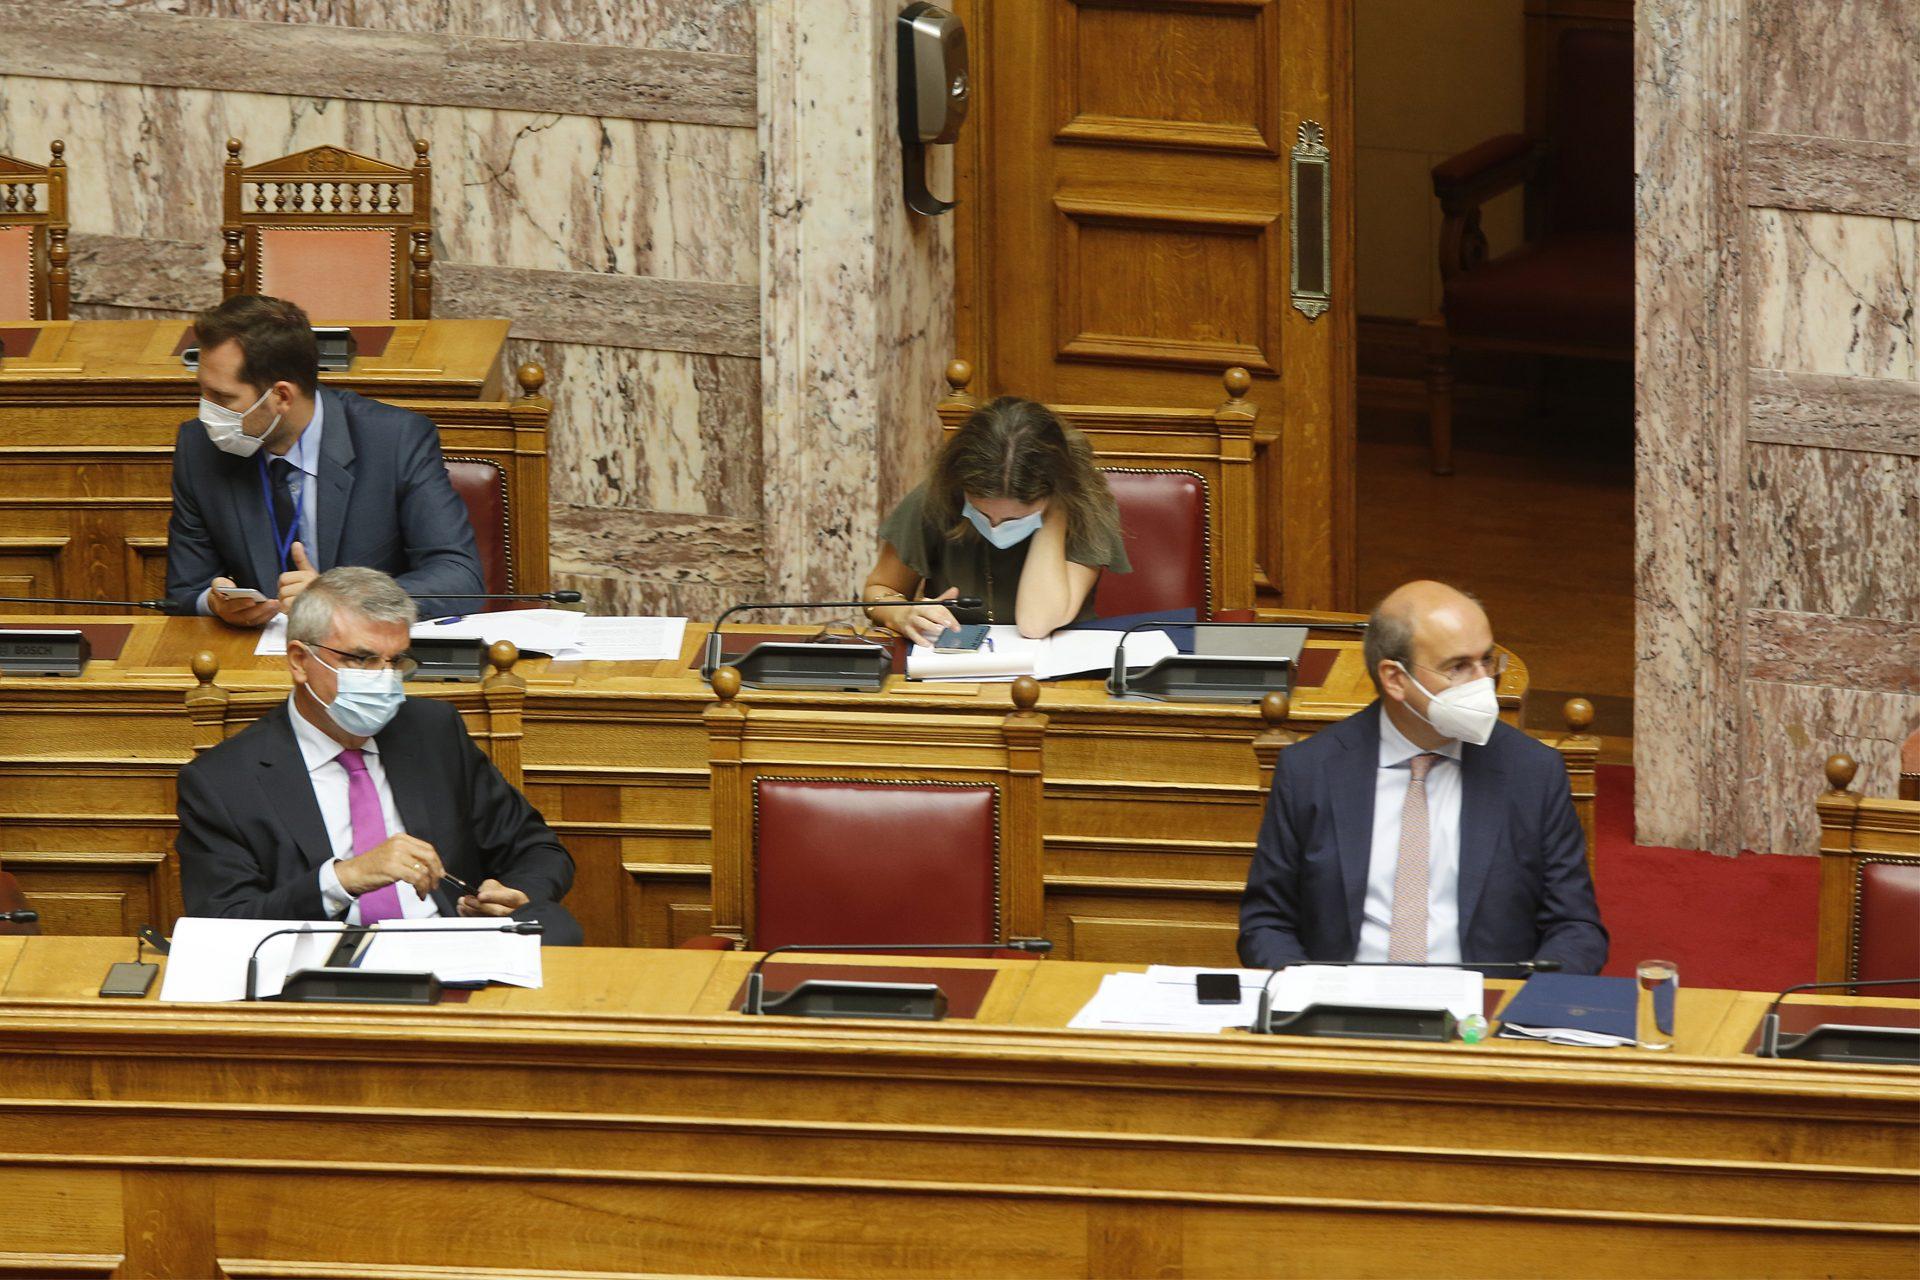 Βουλή: Συνεχίζεται για δεύτερη ημέρα η συζήτηση του ασφαλιστικού νομοσχεδίου